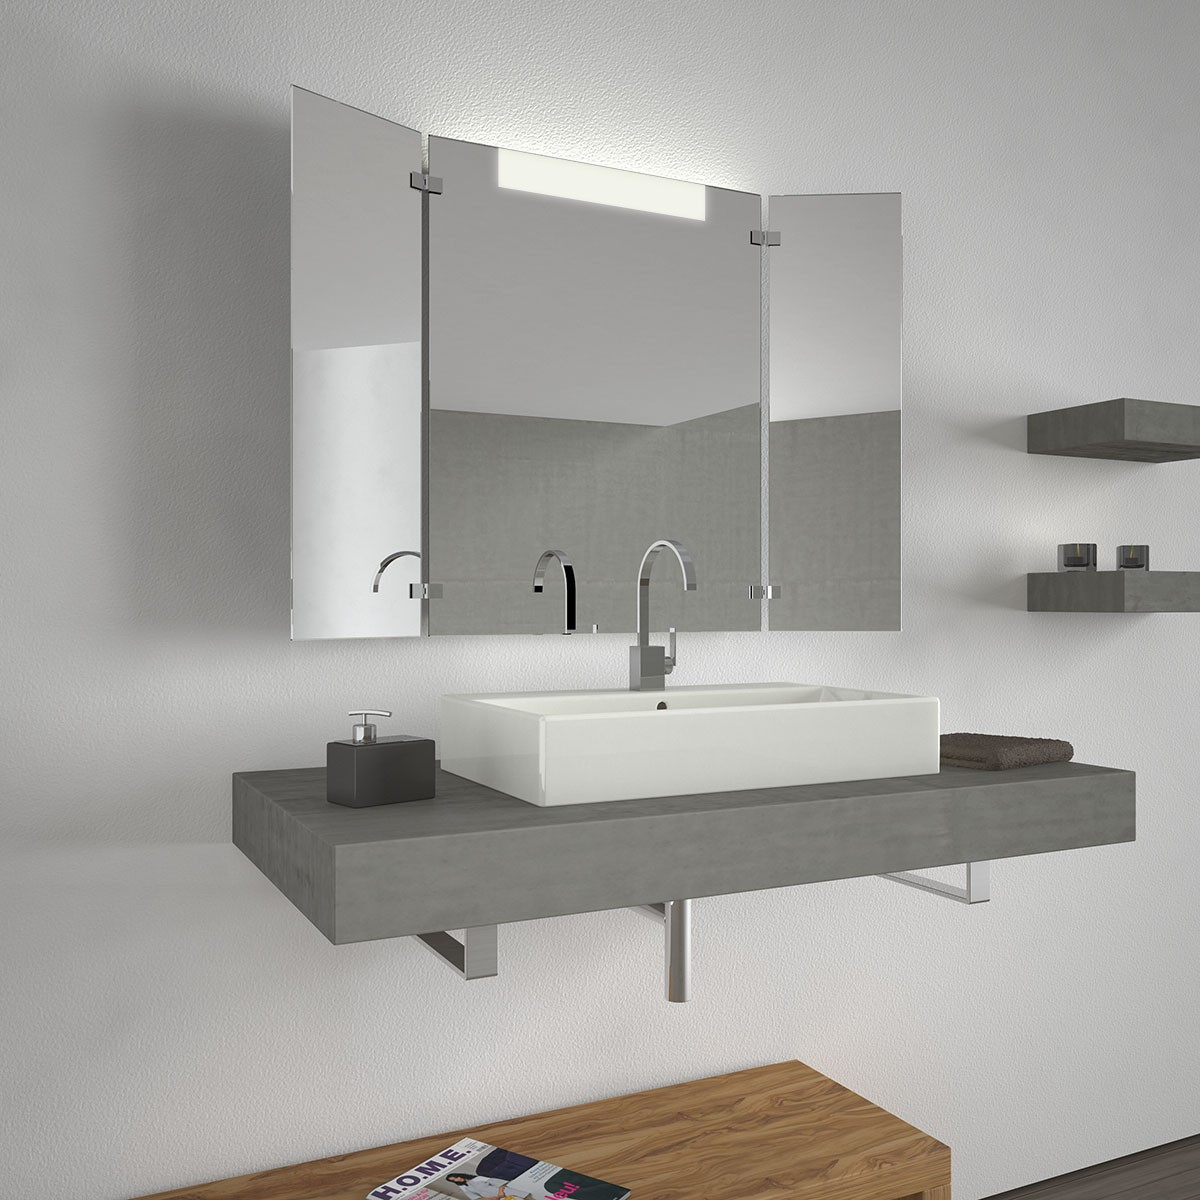 Spiegel Für Das Badezimmer: Badezimmerspiegel Clara 300871523